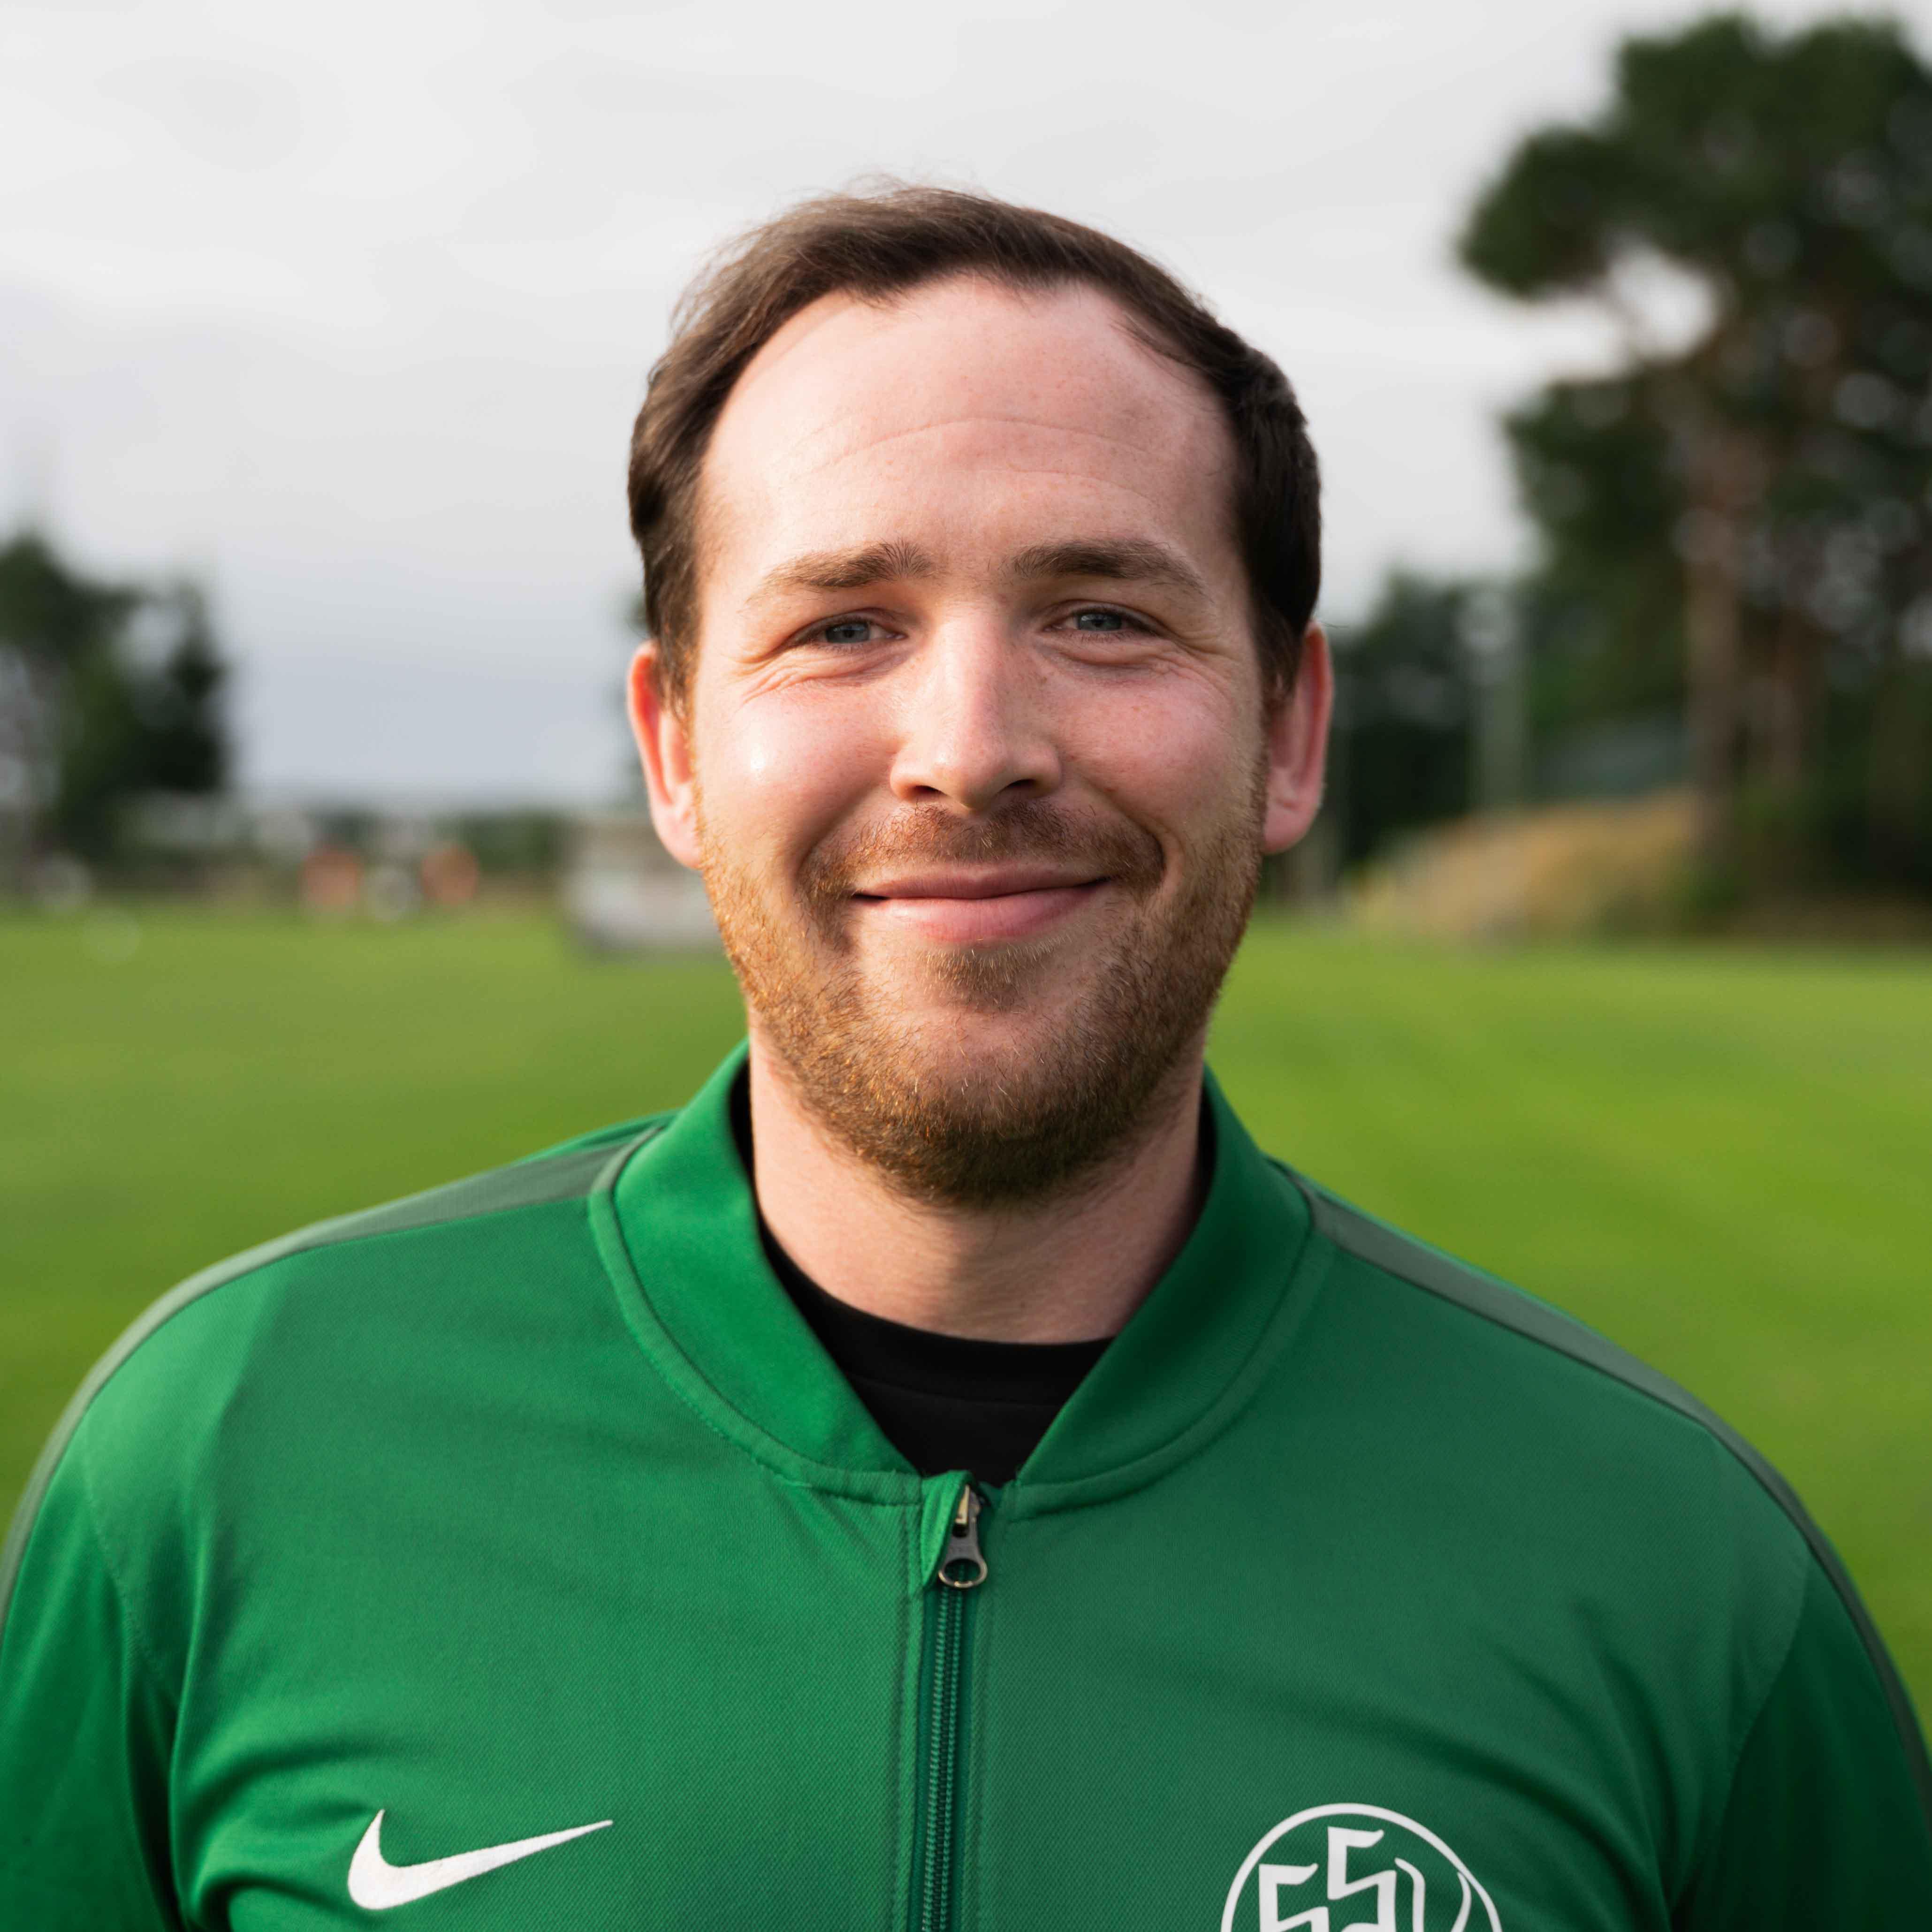 Marvin Köhler